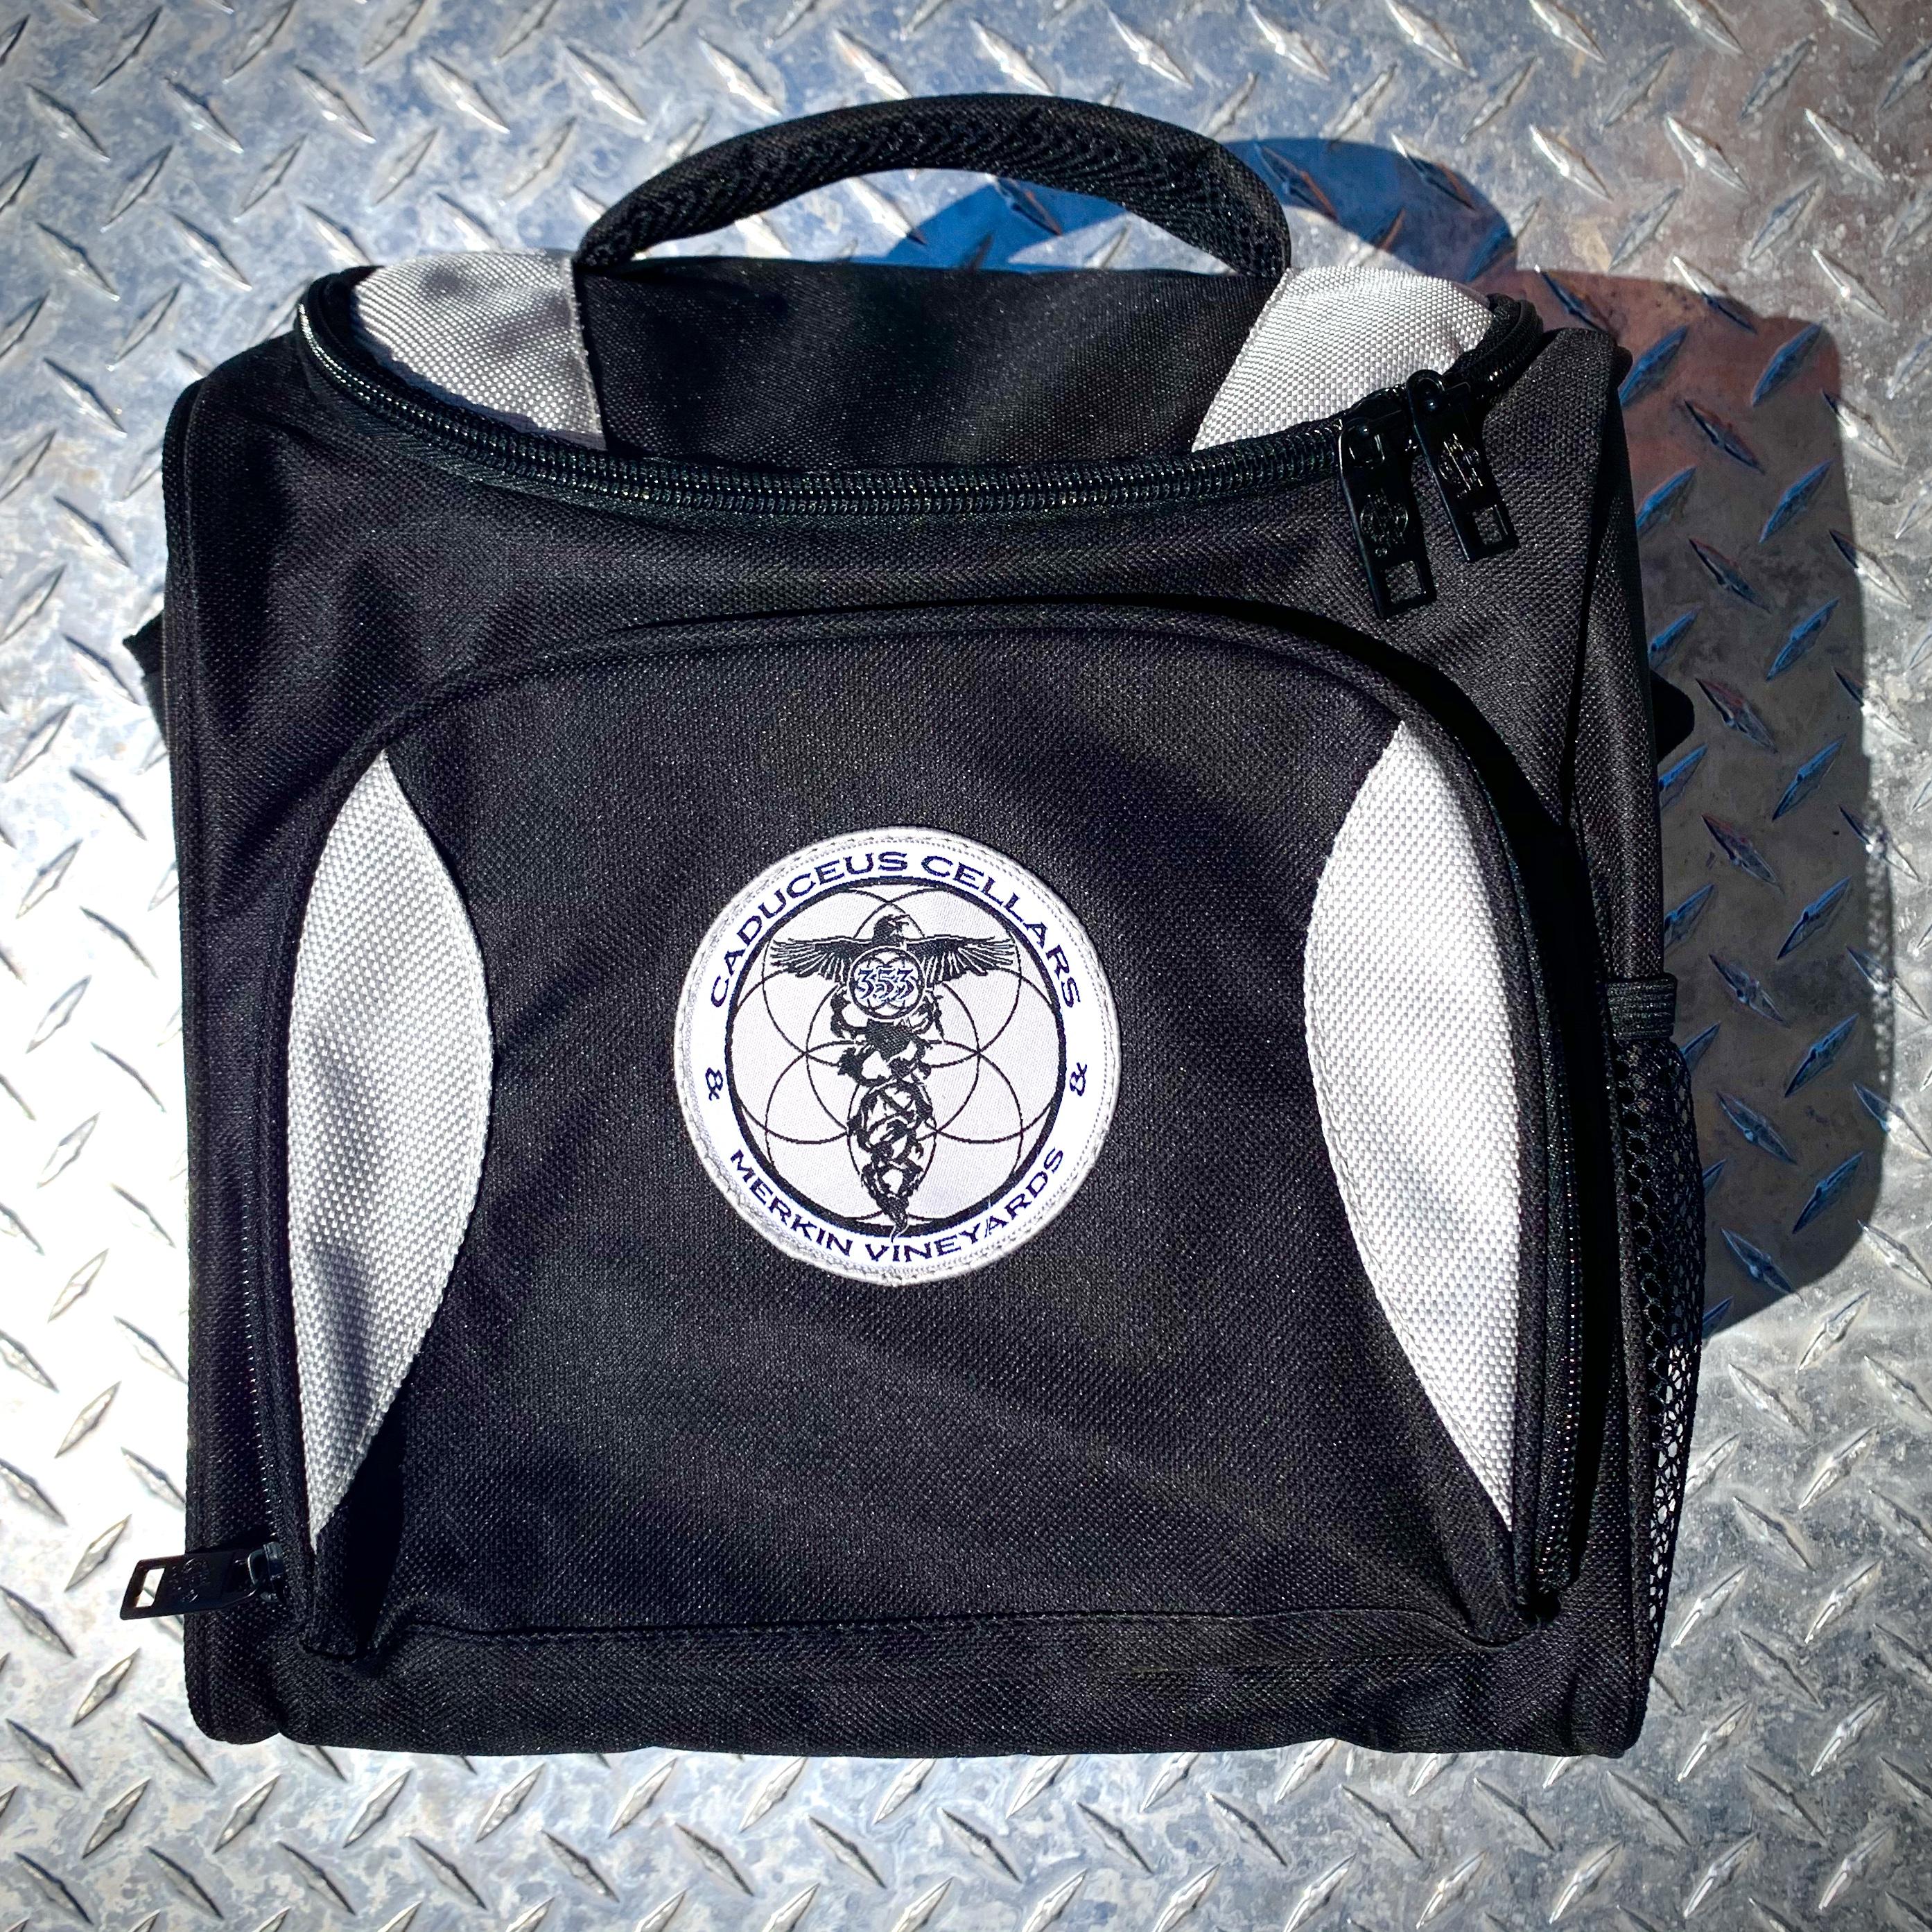 Caduceus Cellars & Merkin Vineyards Cooler Bag